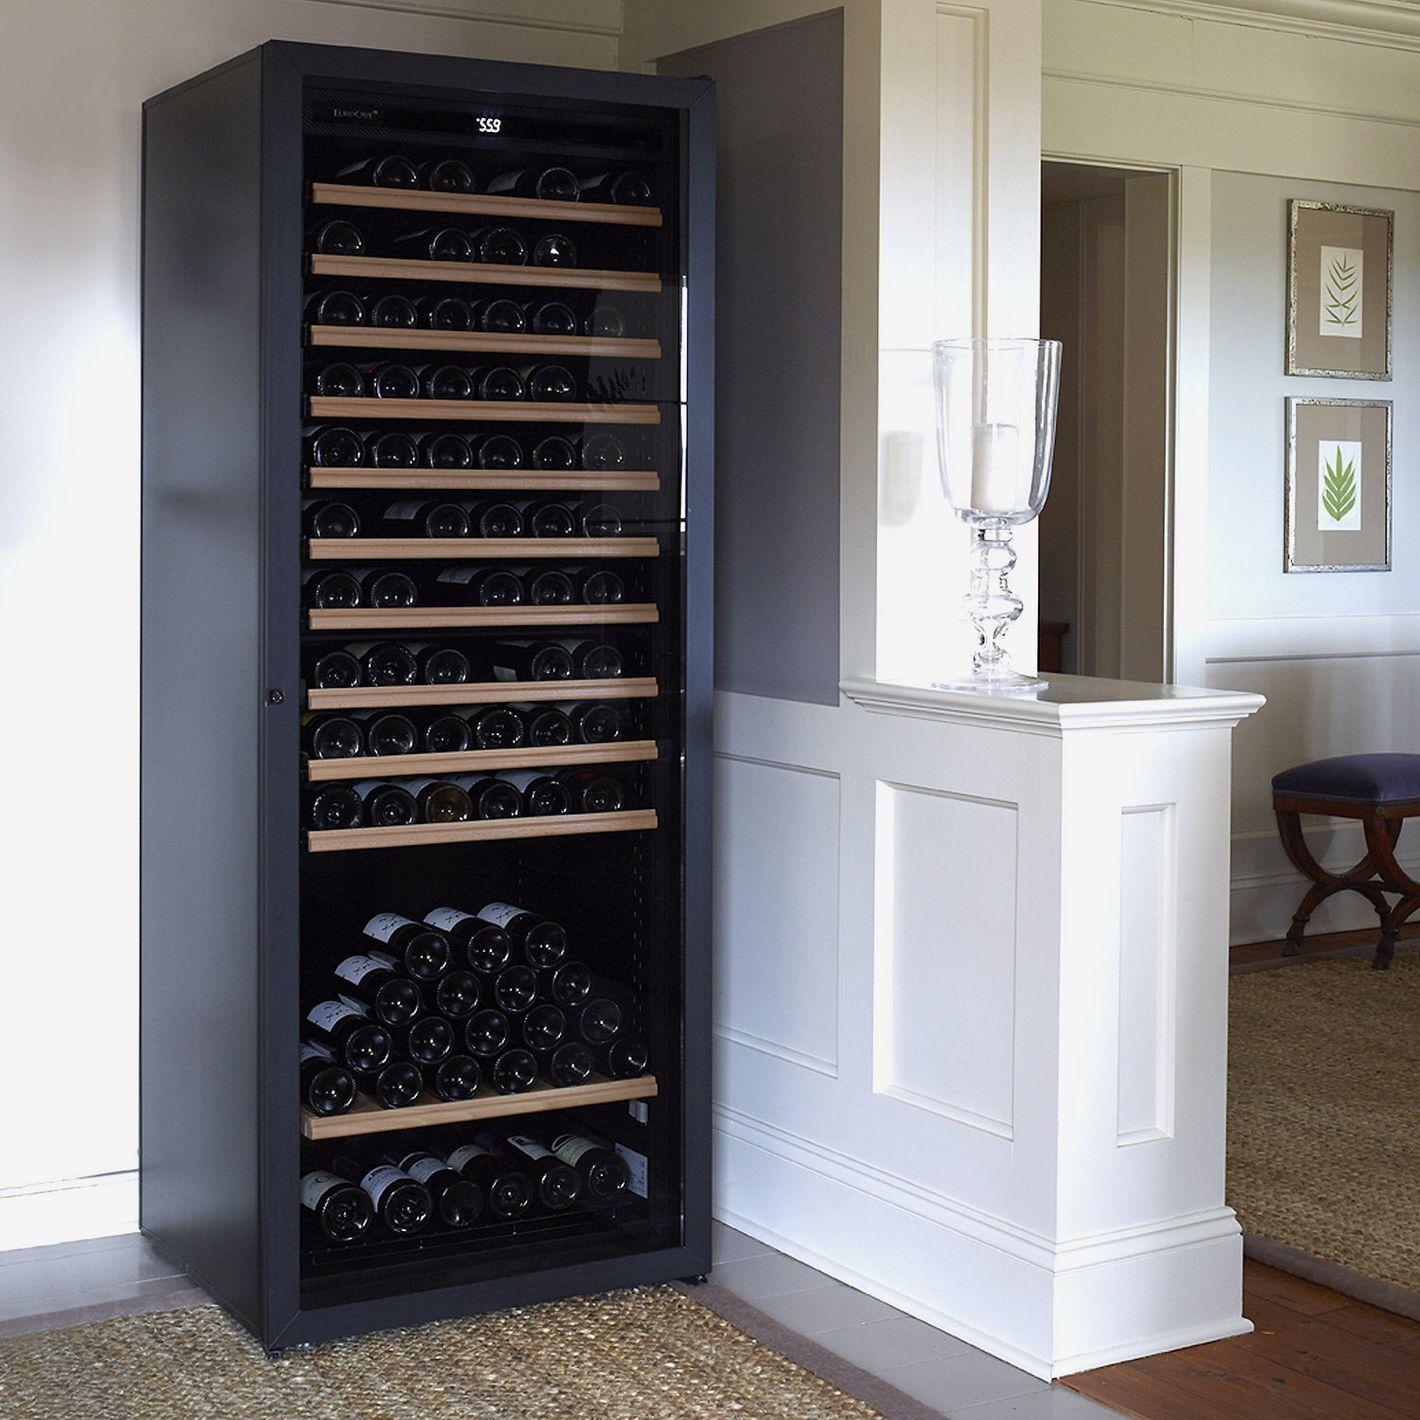 EuroCave Premiere L Wine Cellar